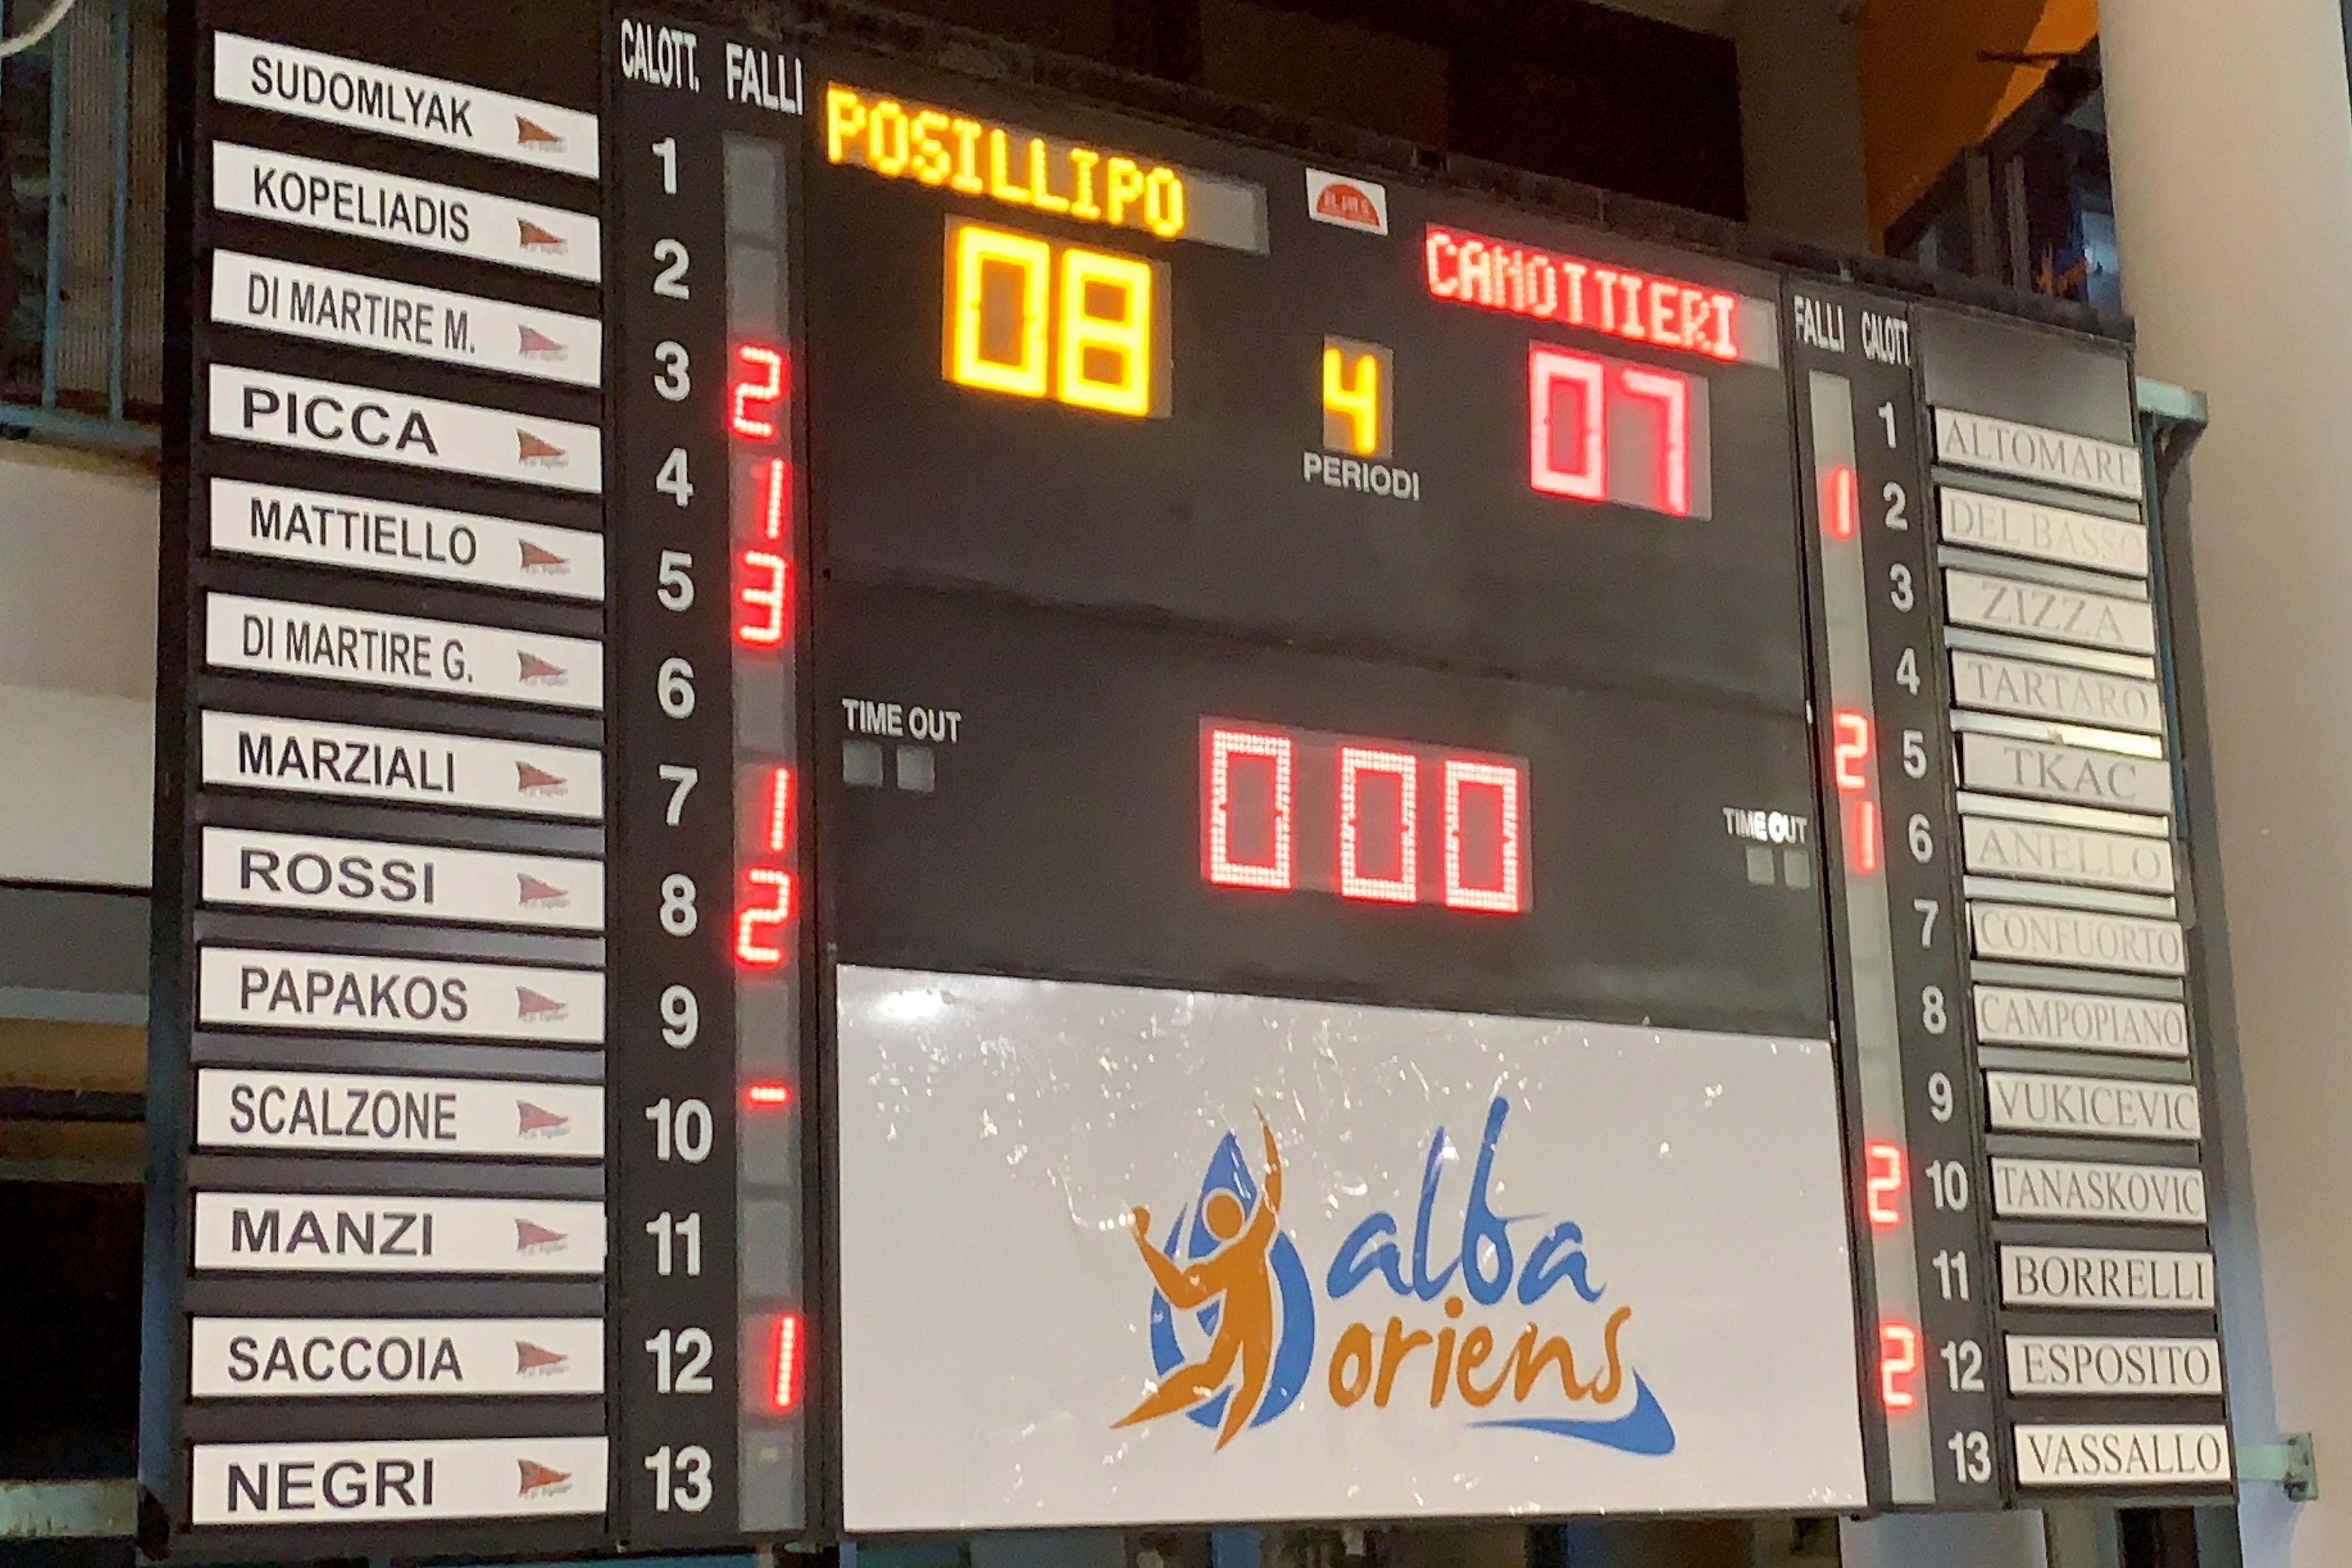 Posillipo Canottieri Pallanuoto - derby (2)